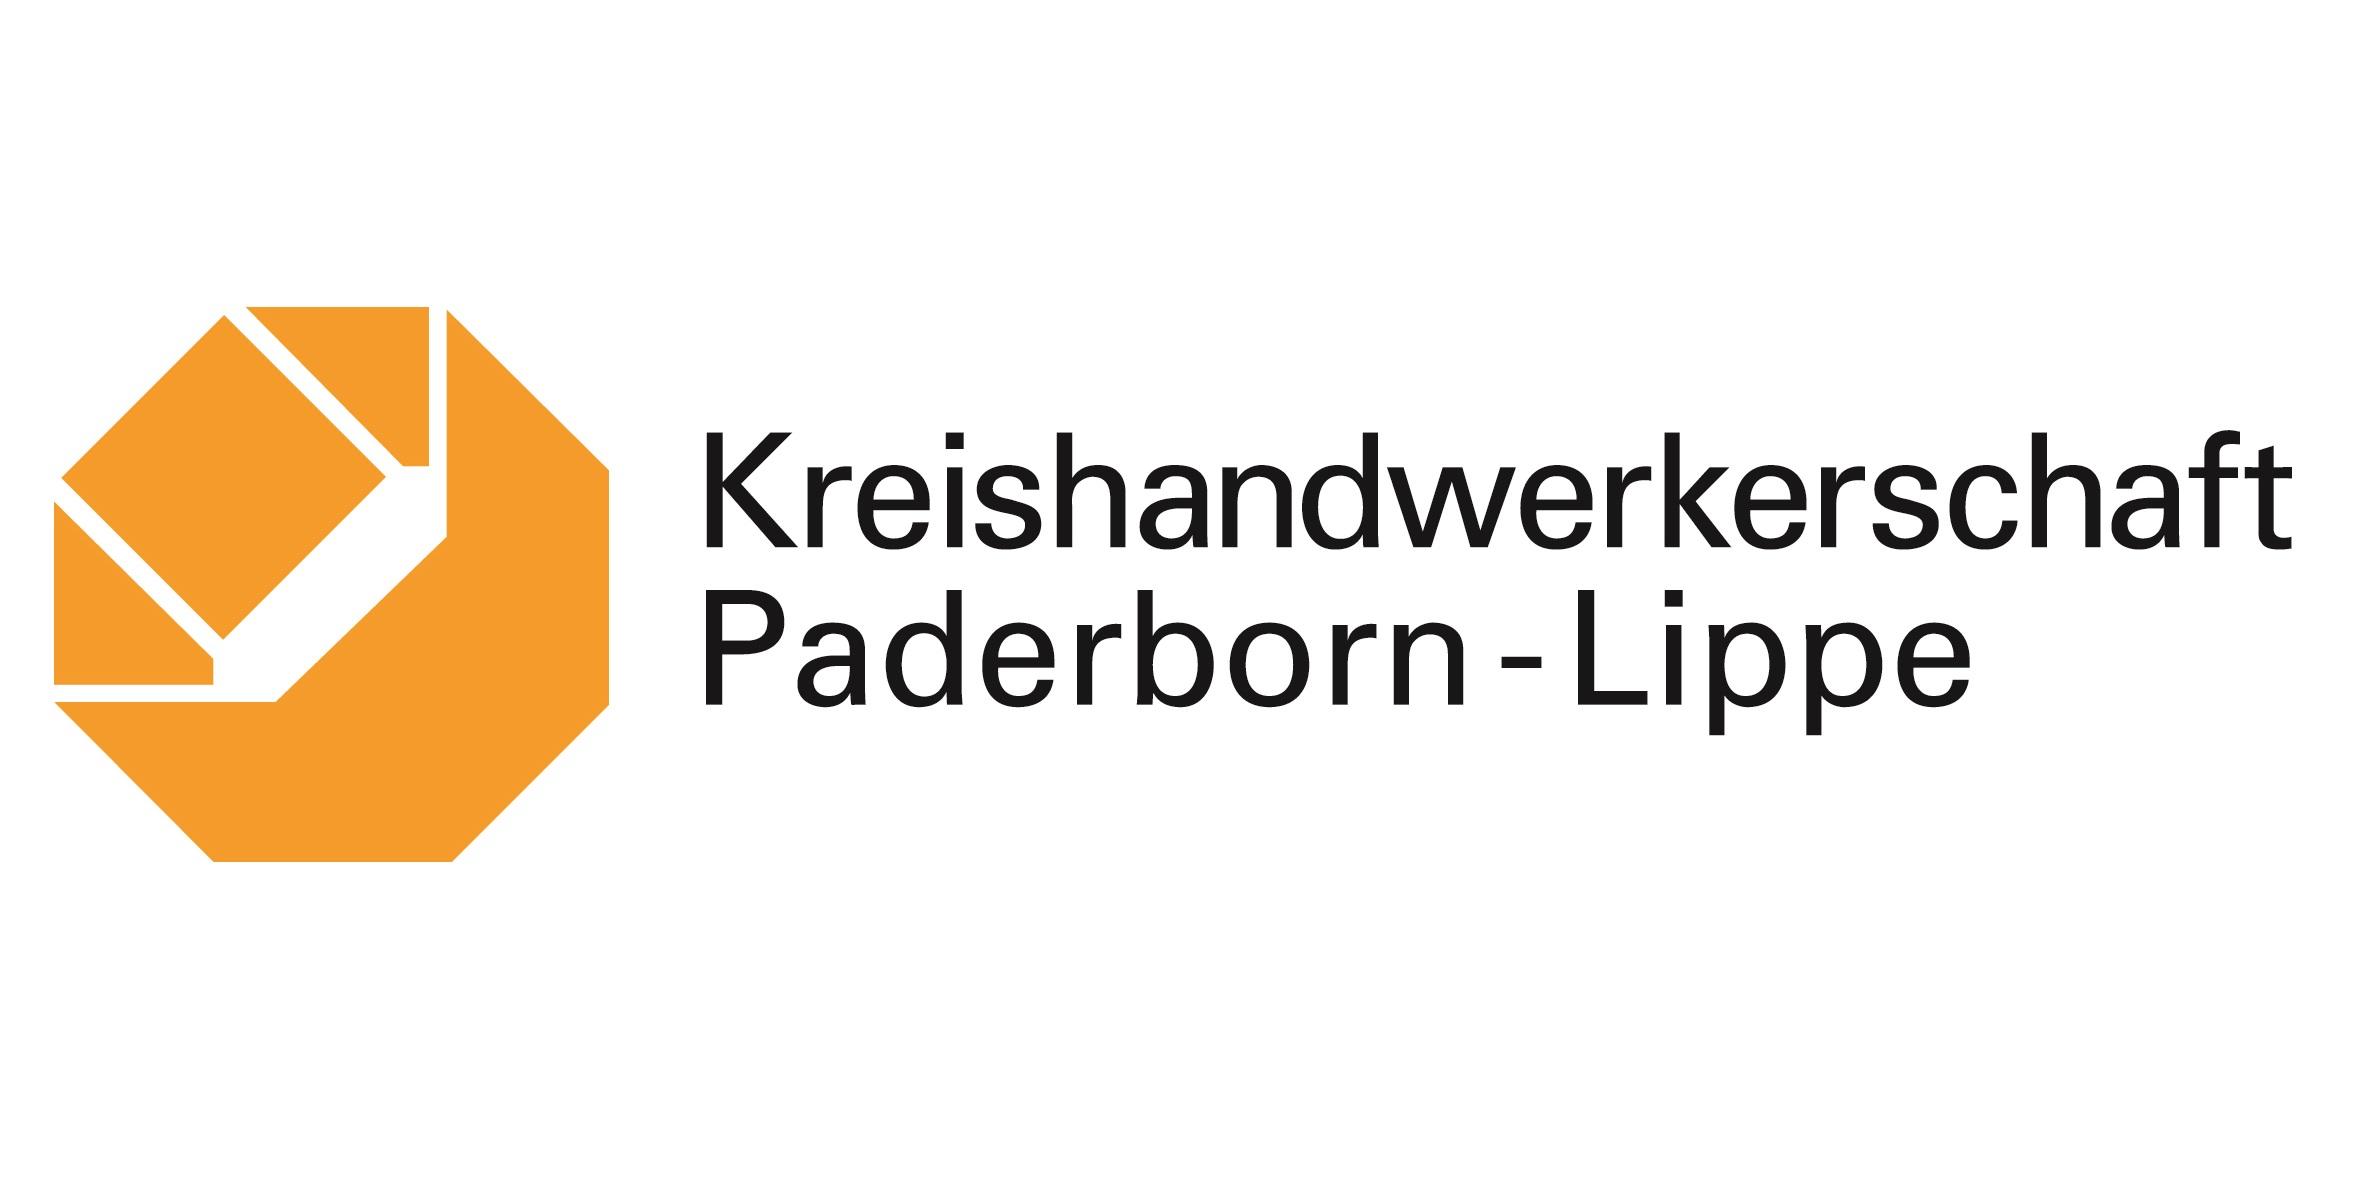 Kreishandwerkerschaft Paderborn-Lippe